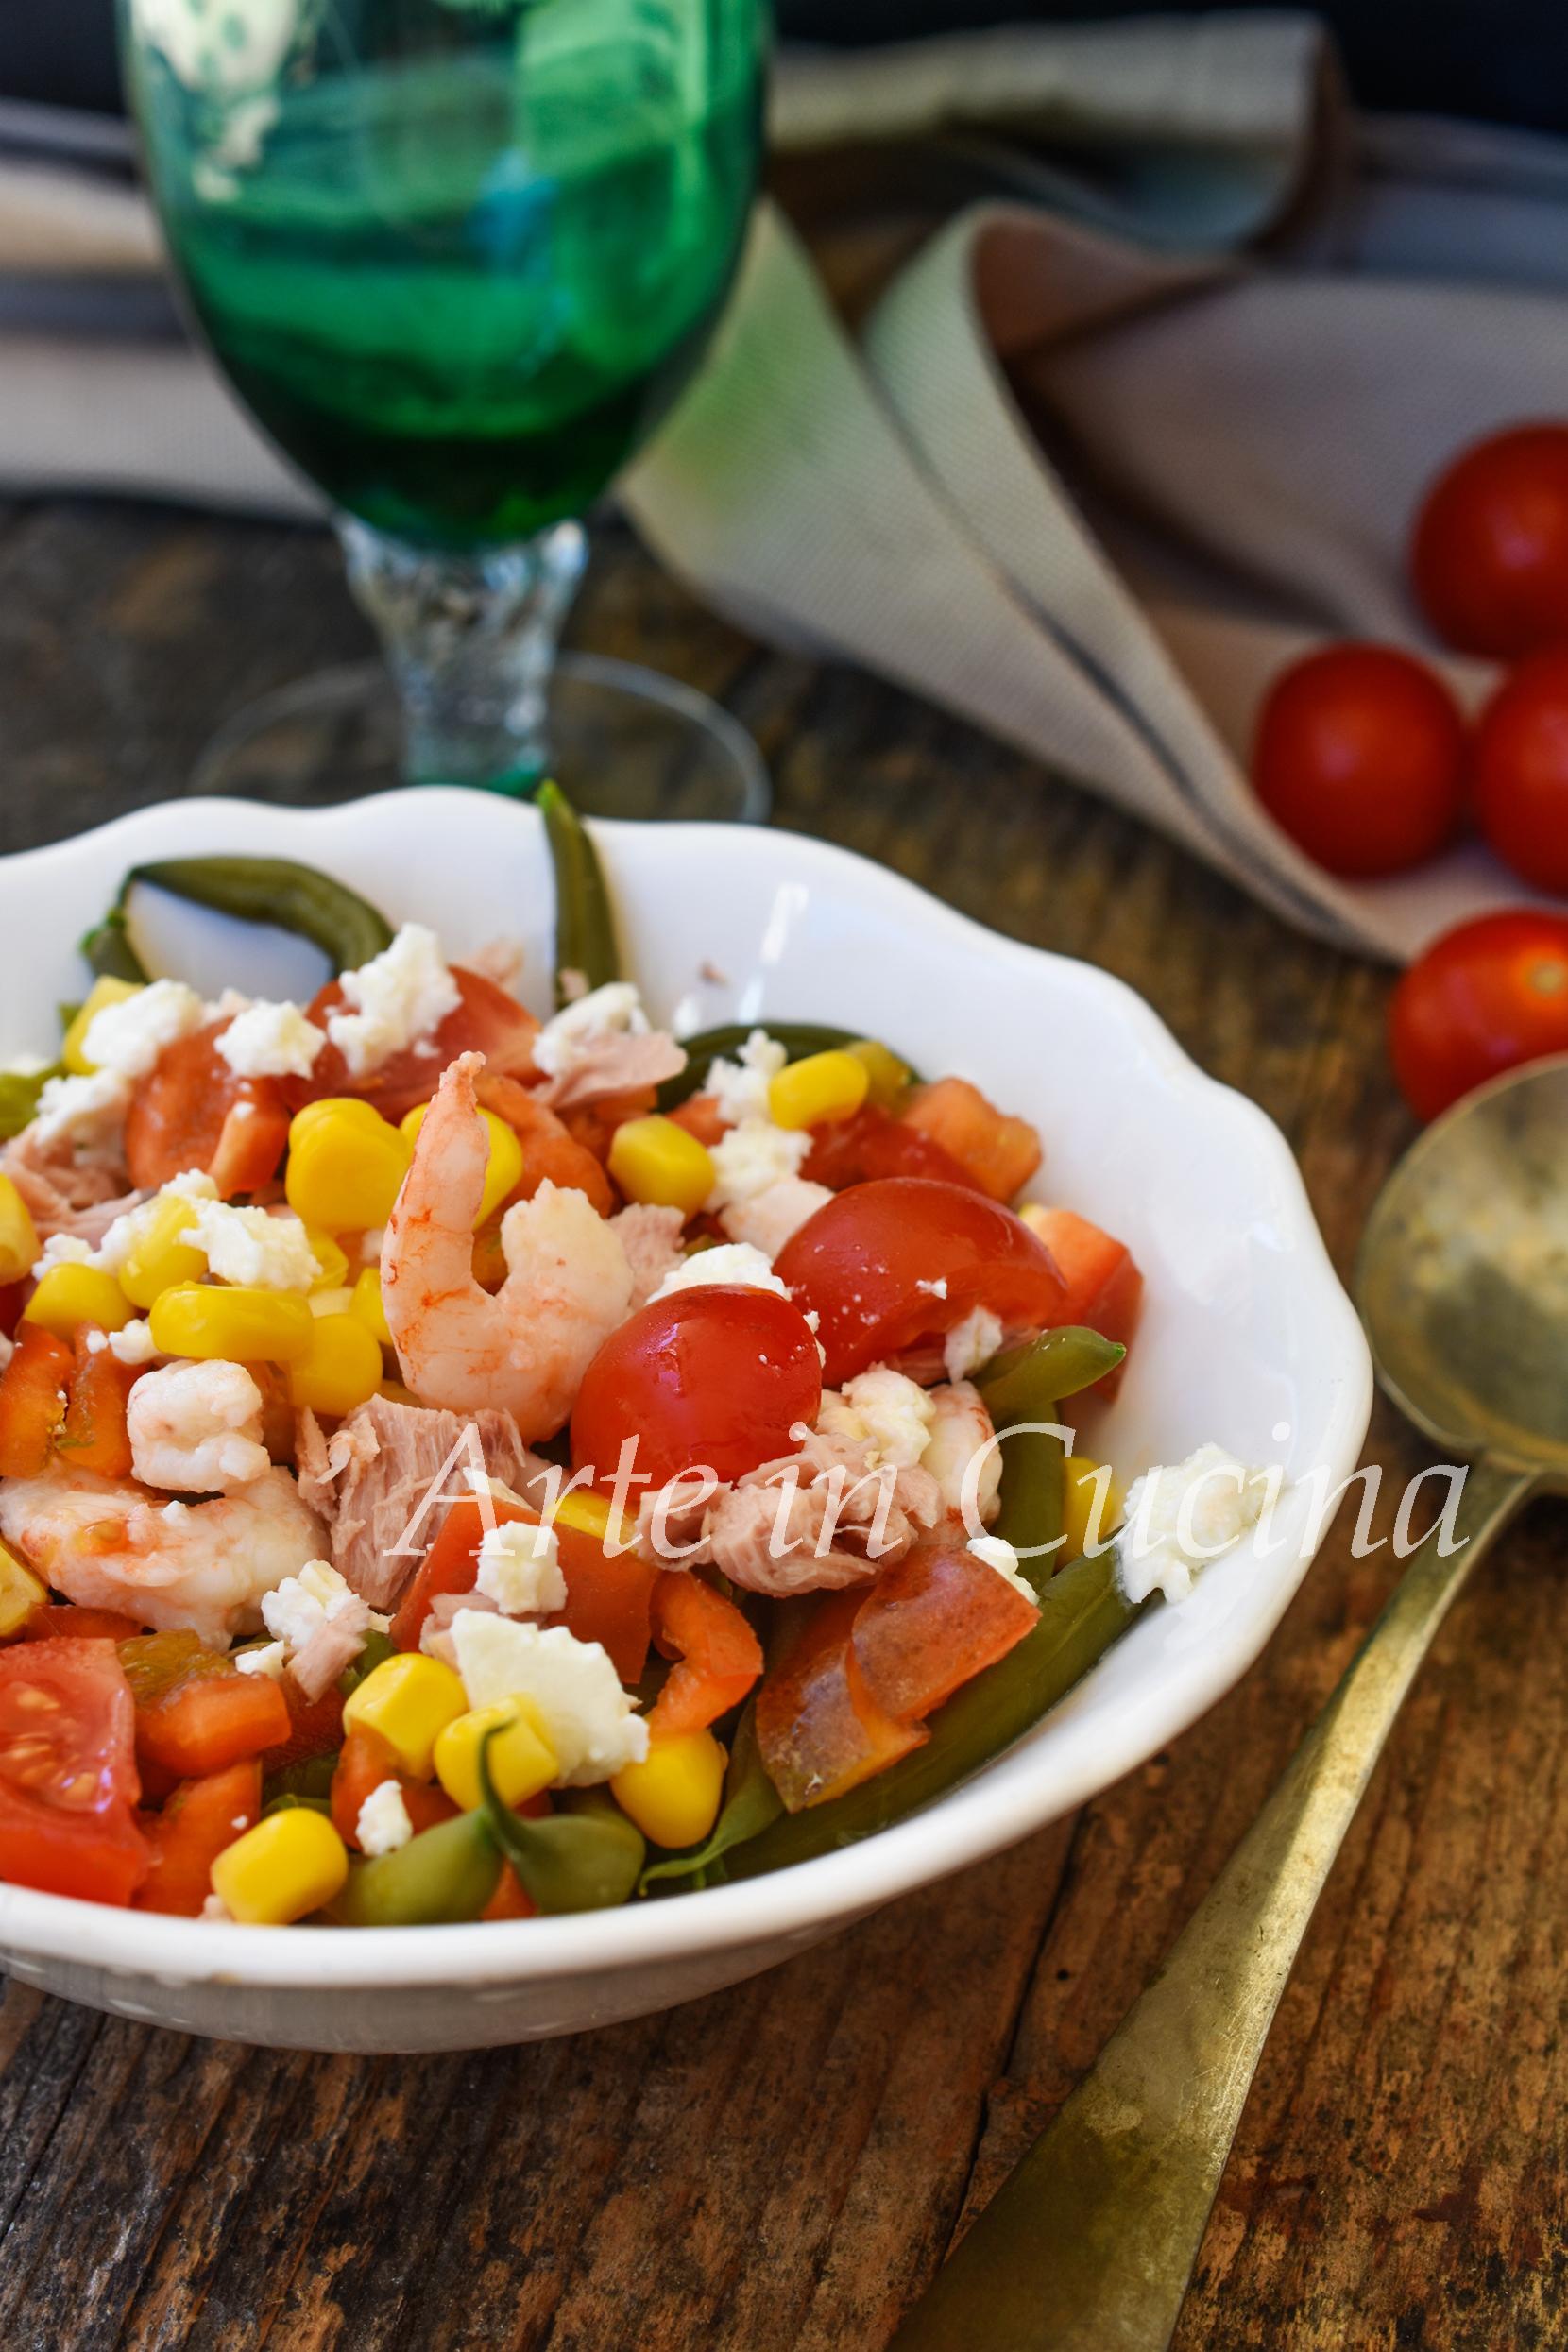 Insalata di fagiolini e gamberetti ricetta estiva leggera vickyart arte in cucina